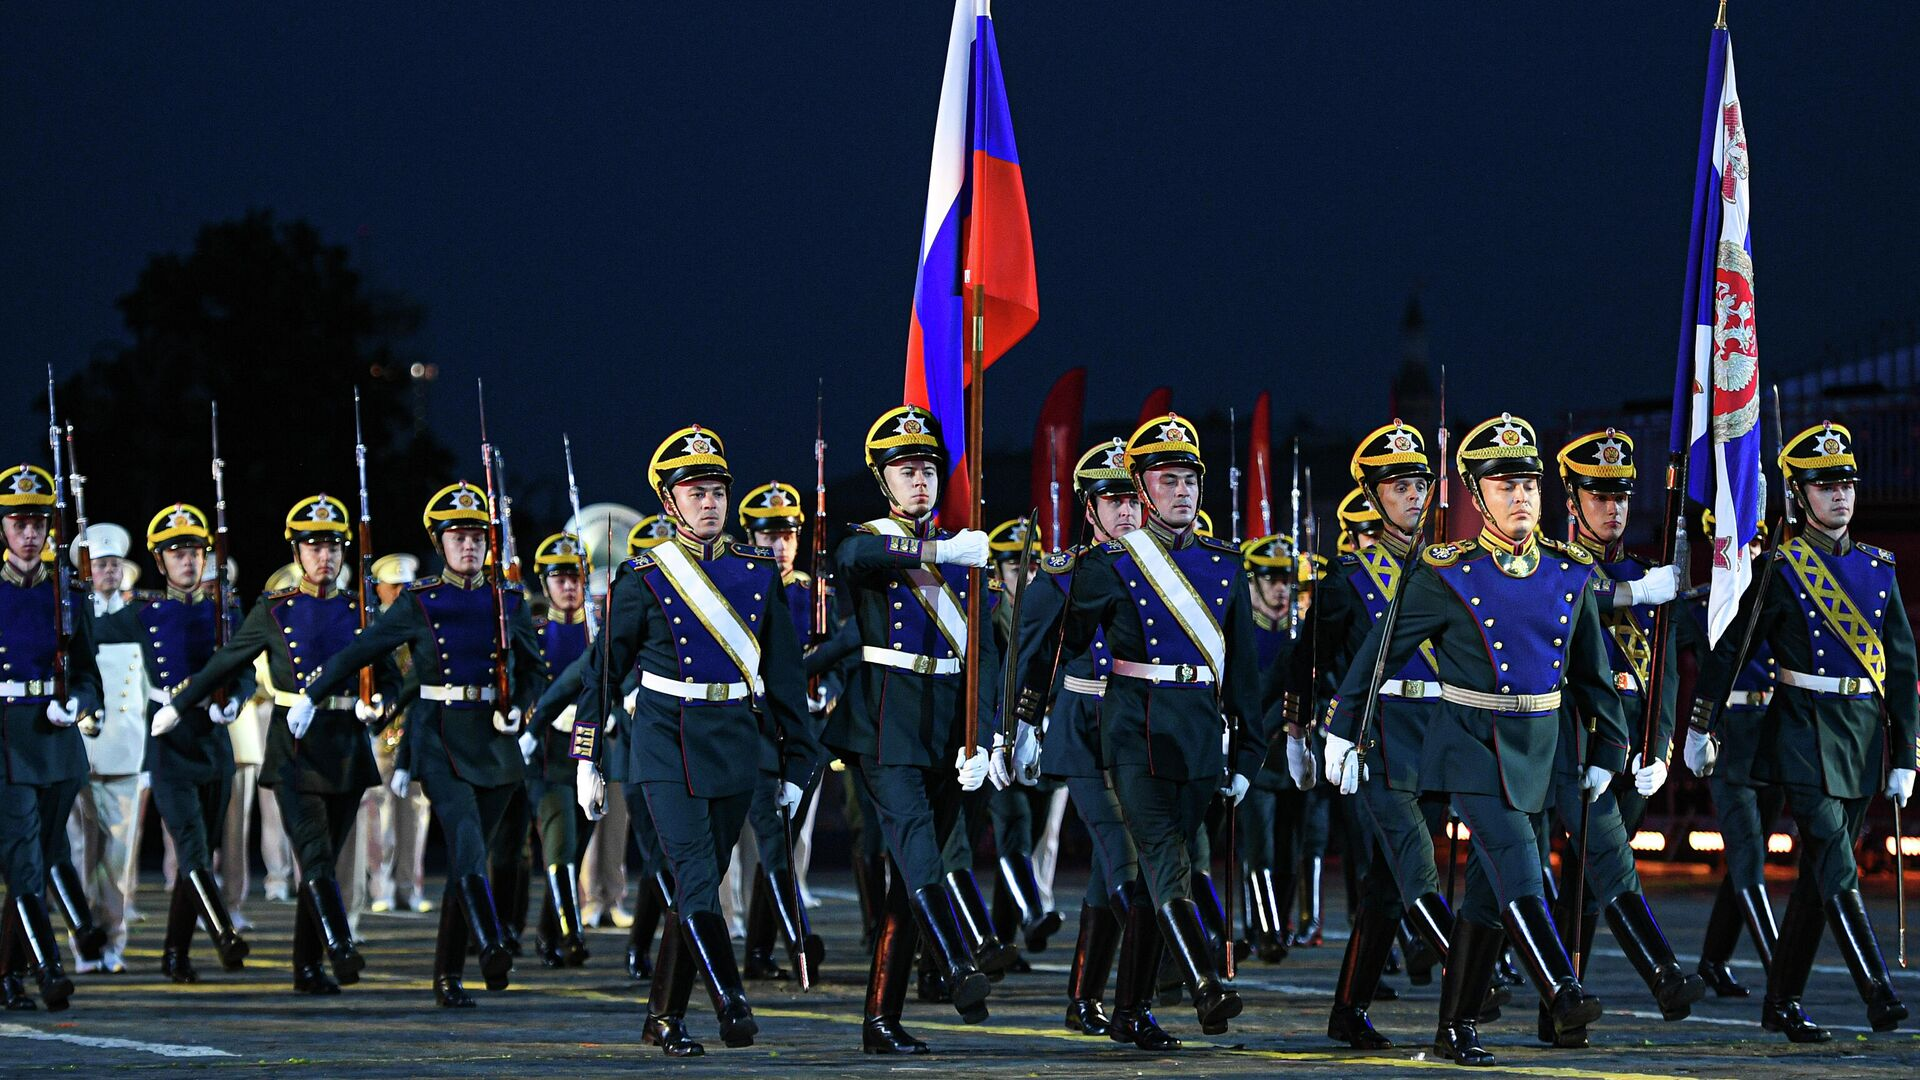 Церемонија отварања Међународног војно-музичког фестивала Спаска кула у Москви  - Sputnik Србија, 1920, 03.09.2021